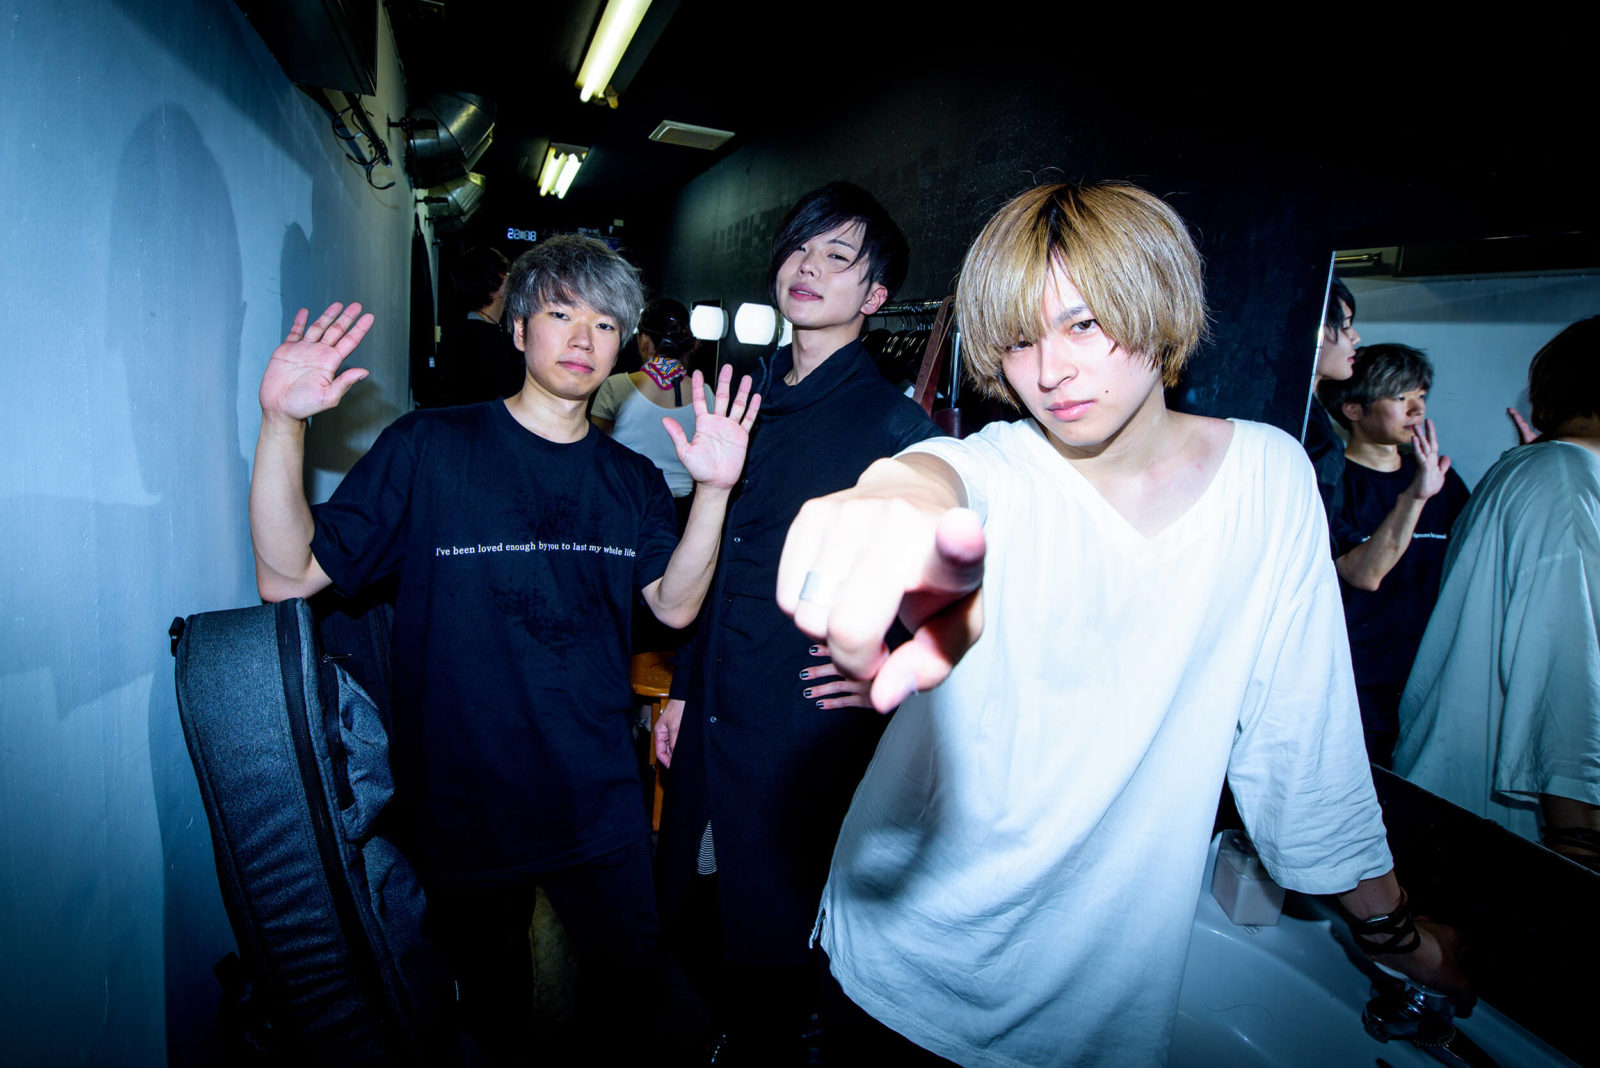 東京発3ピースロックバンド Plot Scraps、待望の2nd Mini Album『FLAWLESS YOUTH』を4月24日(水)にリリース決定サムネイル画像